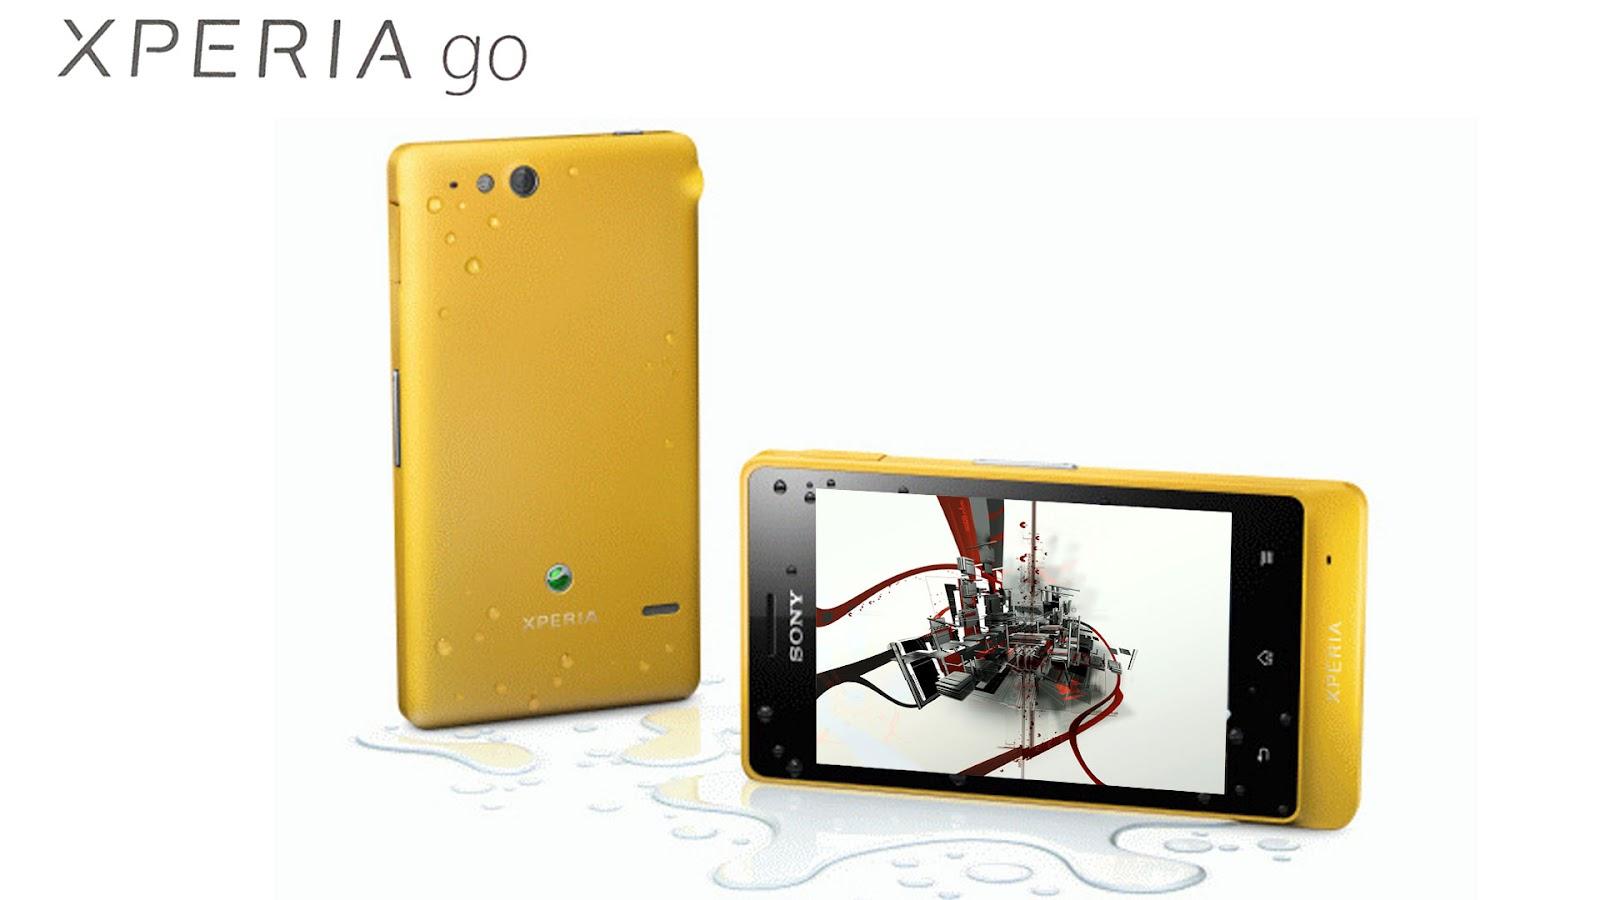 http://2.bp.blogspot.com/-jj4fk9gTDlI/UCKf5yzG5BI/AAAAAAAAFK0/lqmbLTN-b_E/s1600/Sony+Xperia+Go4.jpg